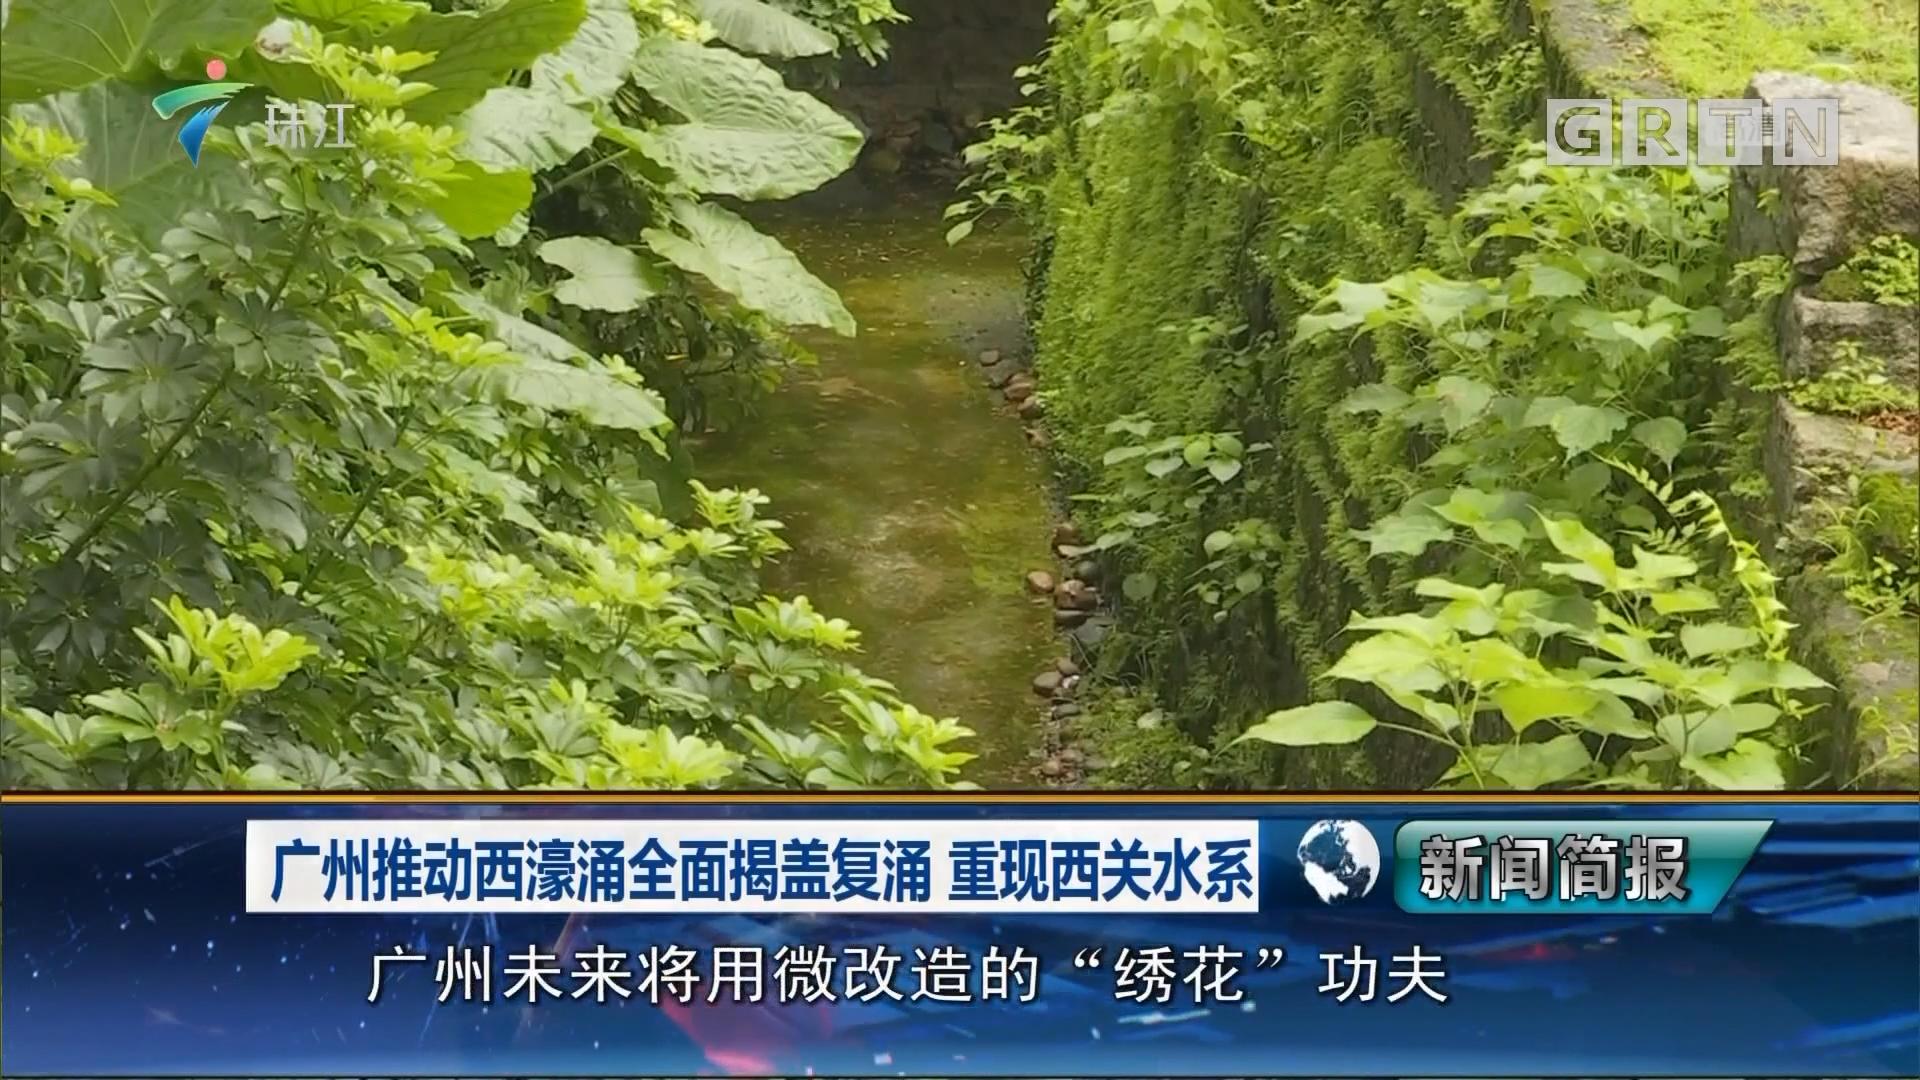 广州推动西濠涌全面揭盖复涌 重现西关水系